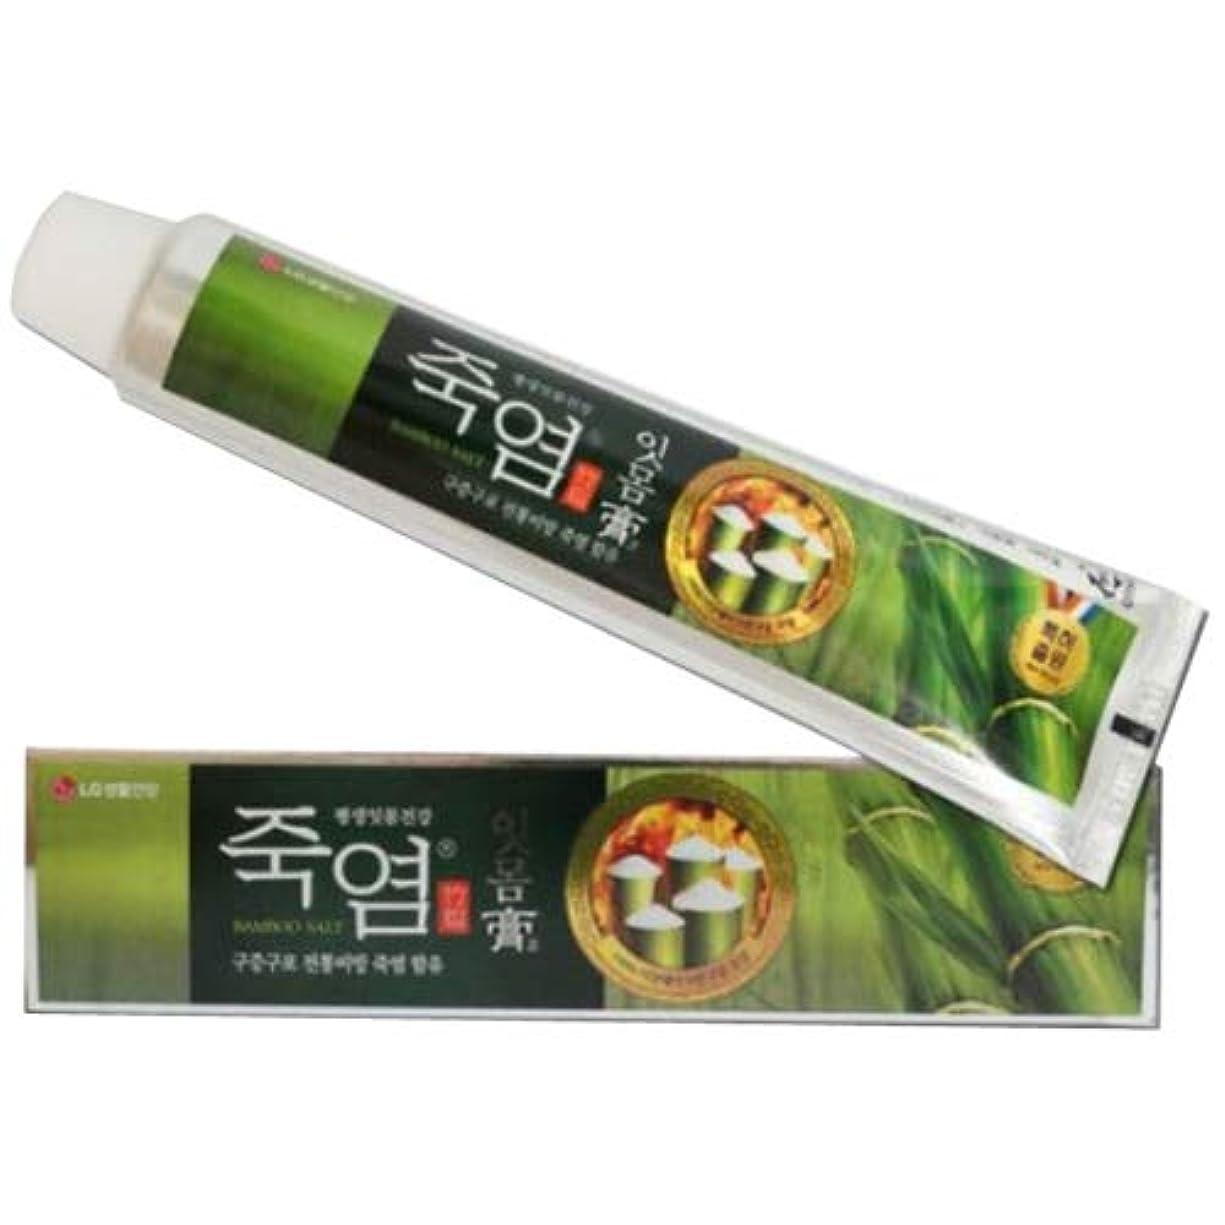 後者不均一休日に[LG Care/LG生活健康]竹塩歯磨き粉つぶれて歯茎を健康に120g x1EA 歯磨きセットスペシャル?リミテッドToothpaste Set Special Limited Korea